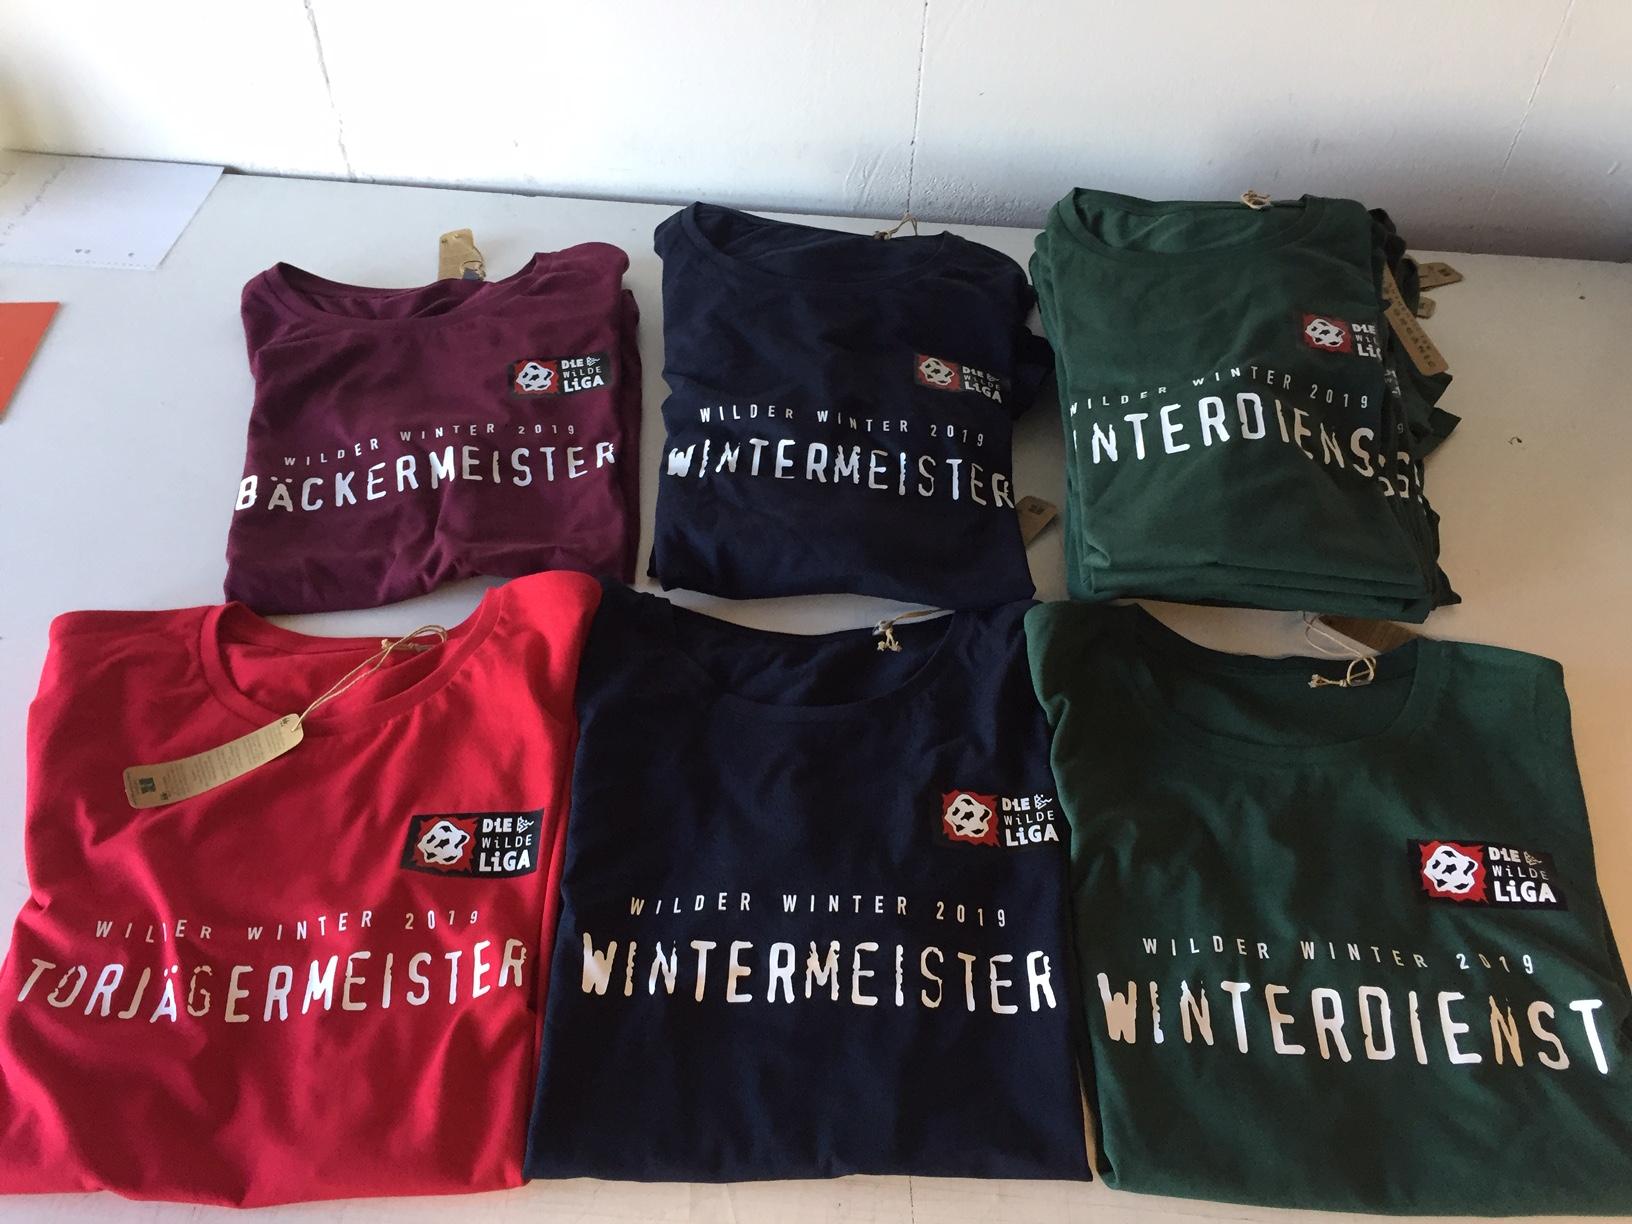 Wilder Winter2019 T-Shirts